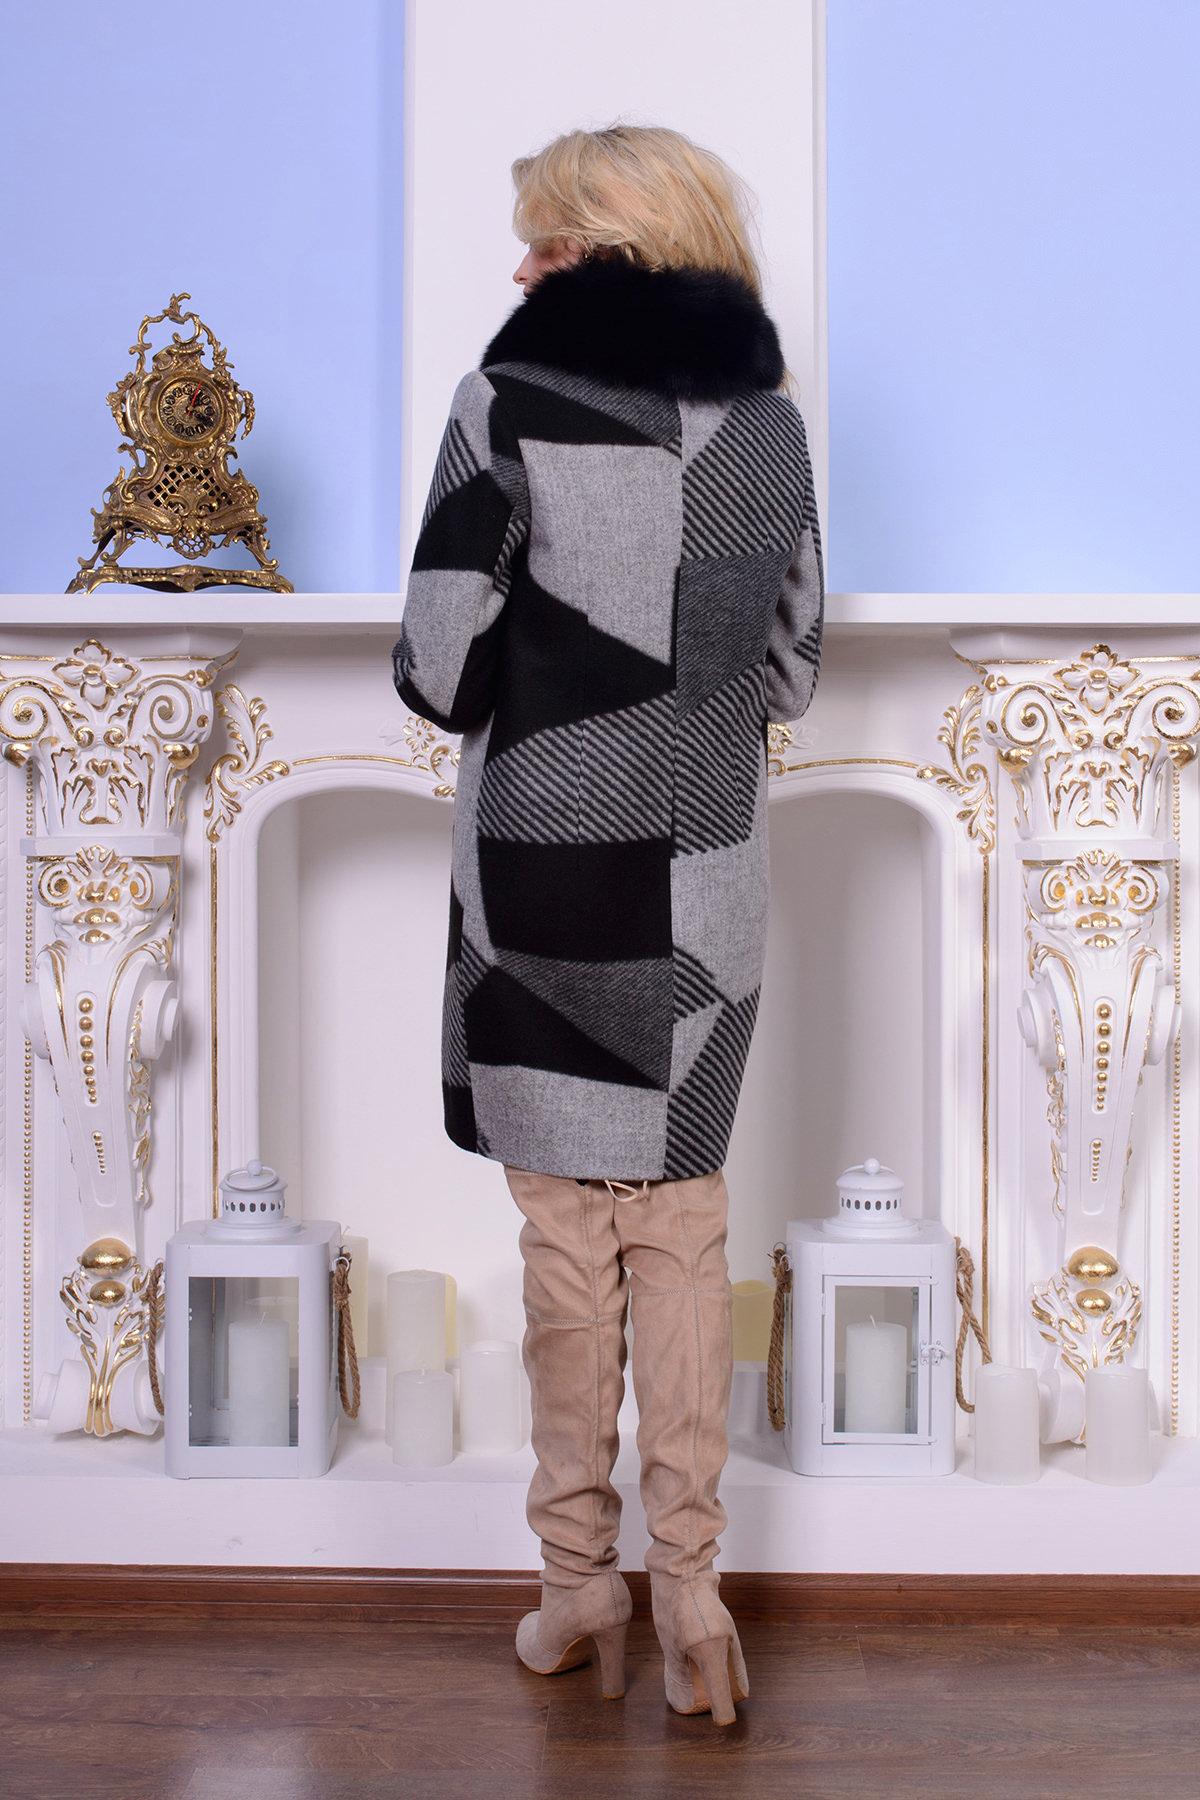 Пальто Микадо 0567 АРТ. 7501 Цвет: Черный/серый Буквы Д5/С1 - фото 3, интернет магазин tm-modus.ru